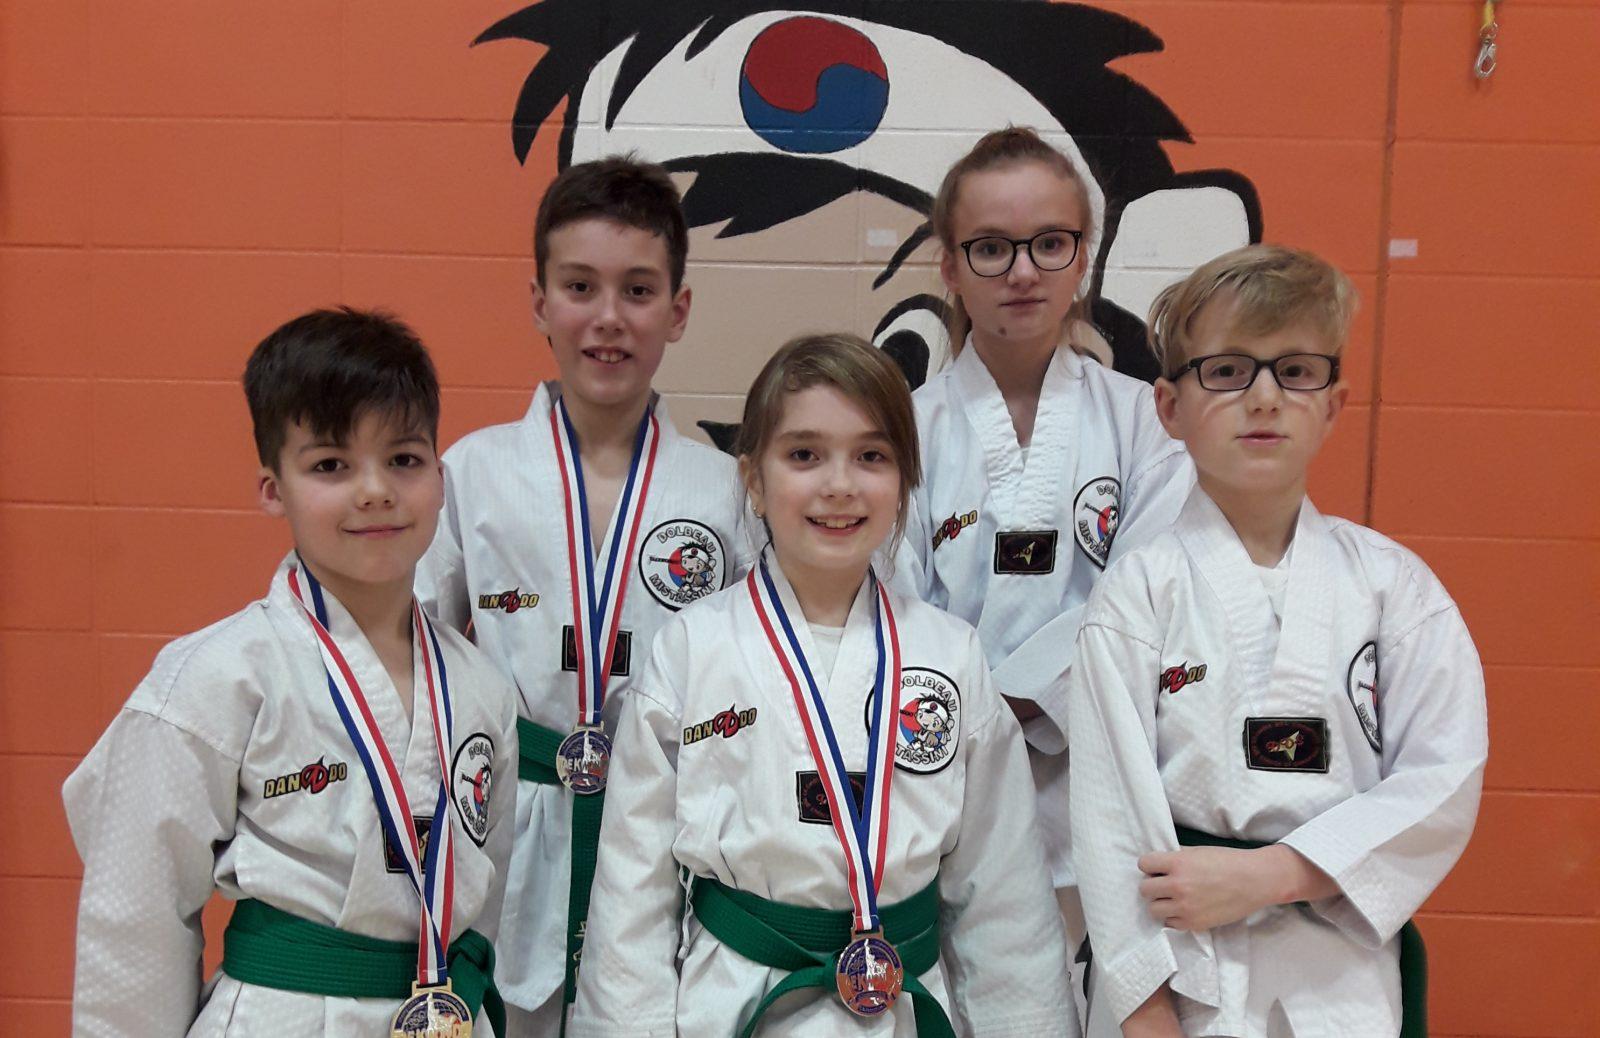 Plusieurs médailles en taekwondo pour le club dolmissois